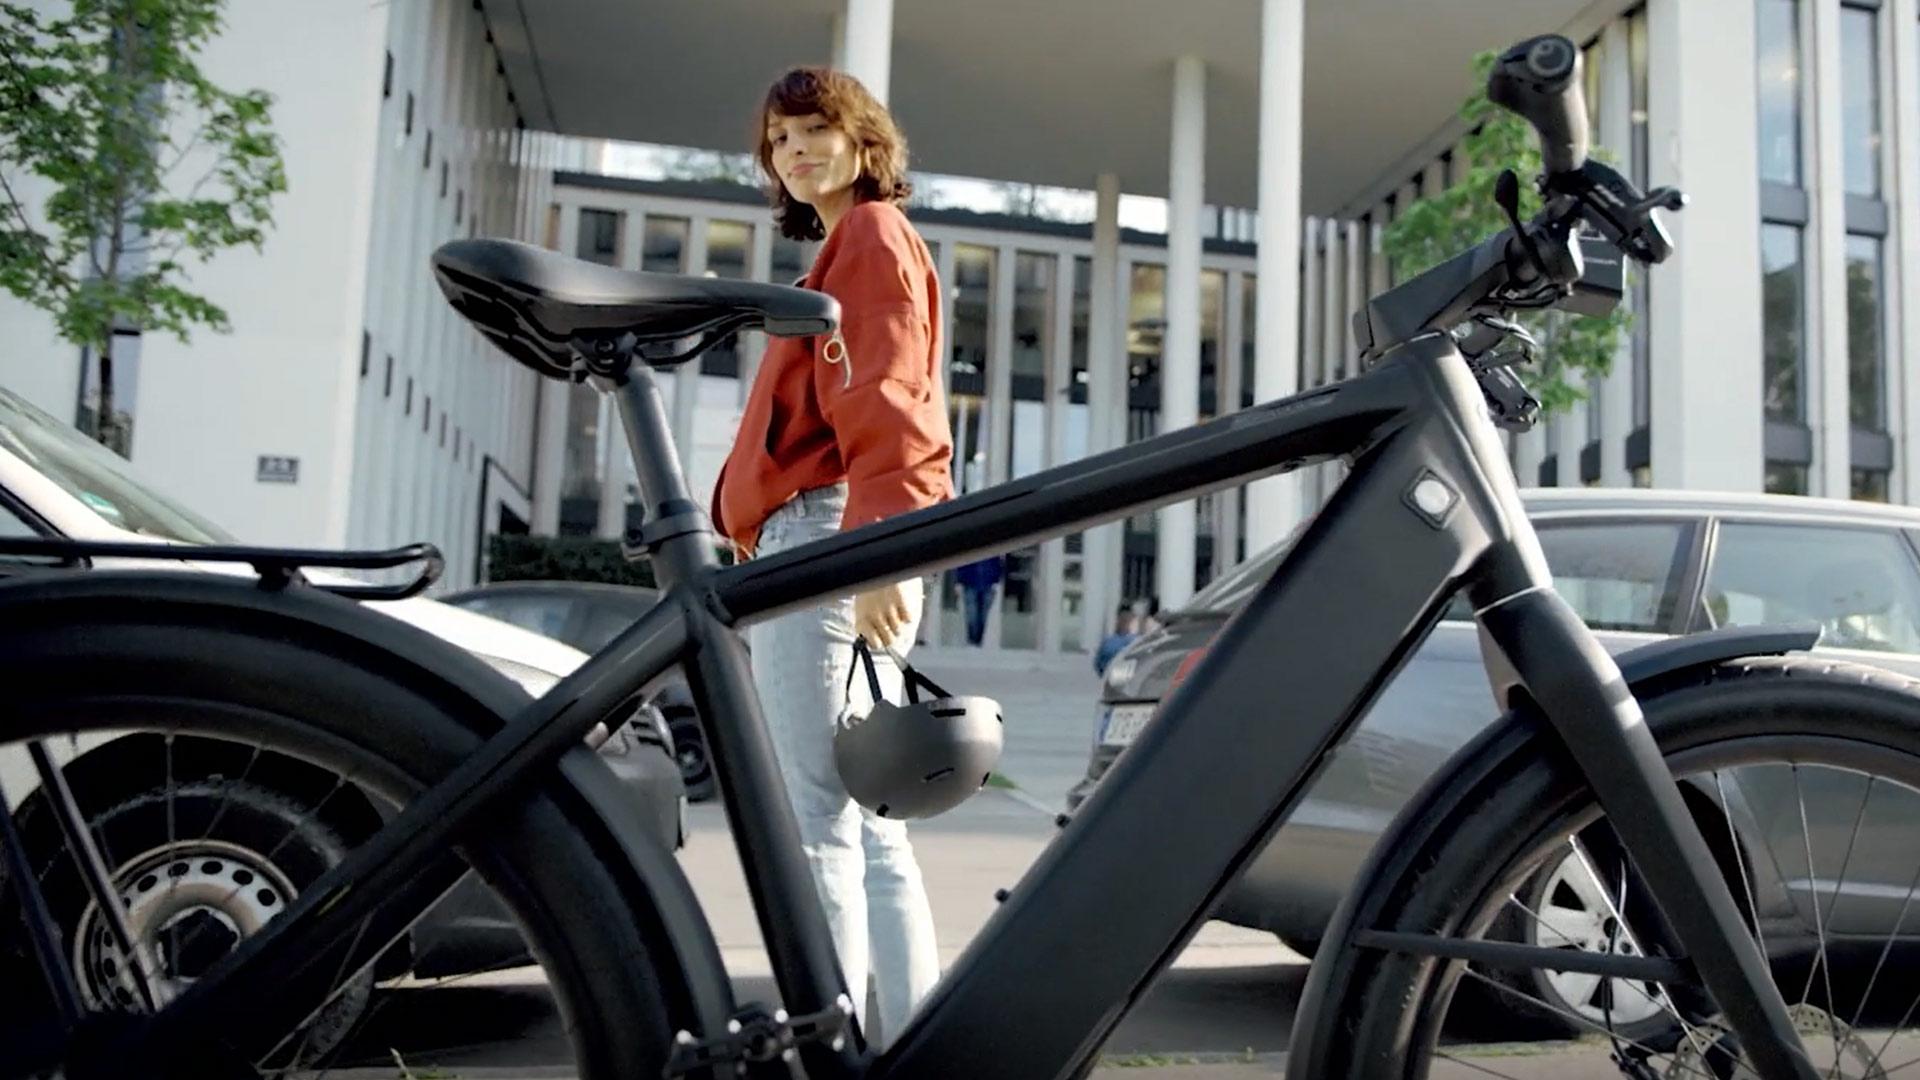 Best Class 3 e-bikes product reviews